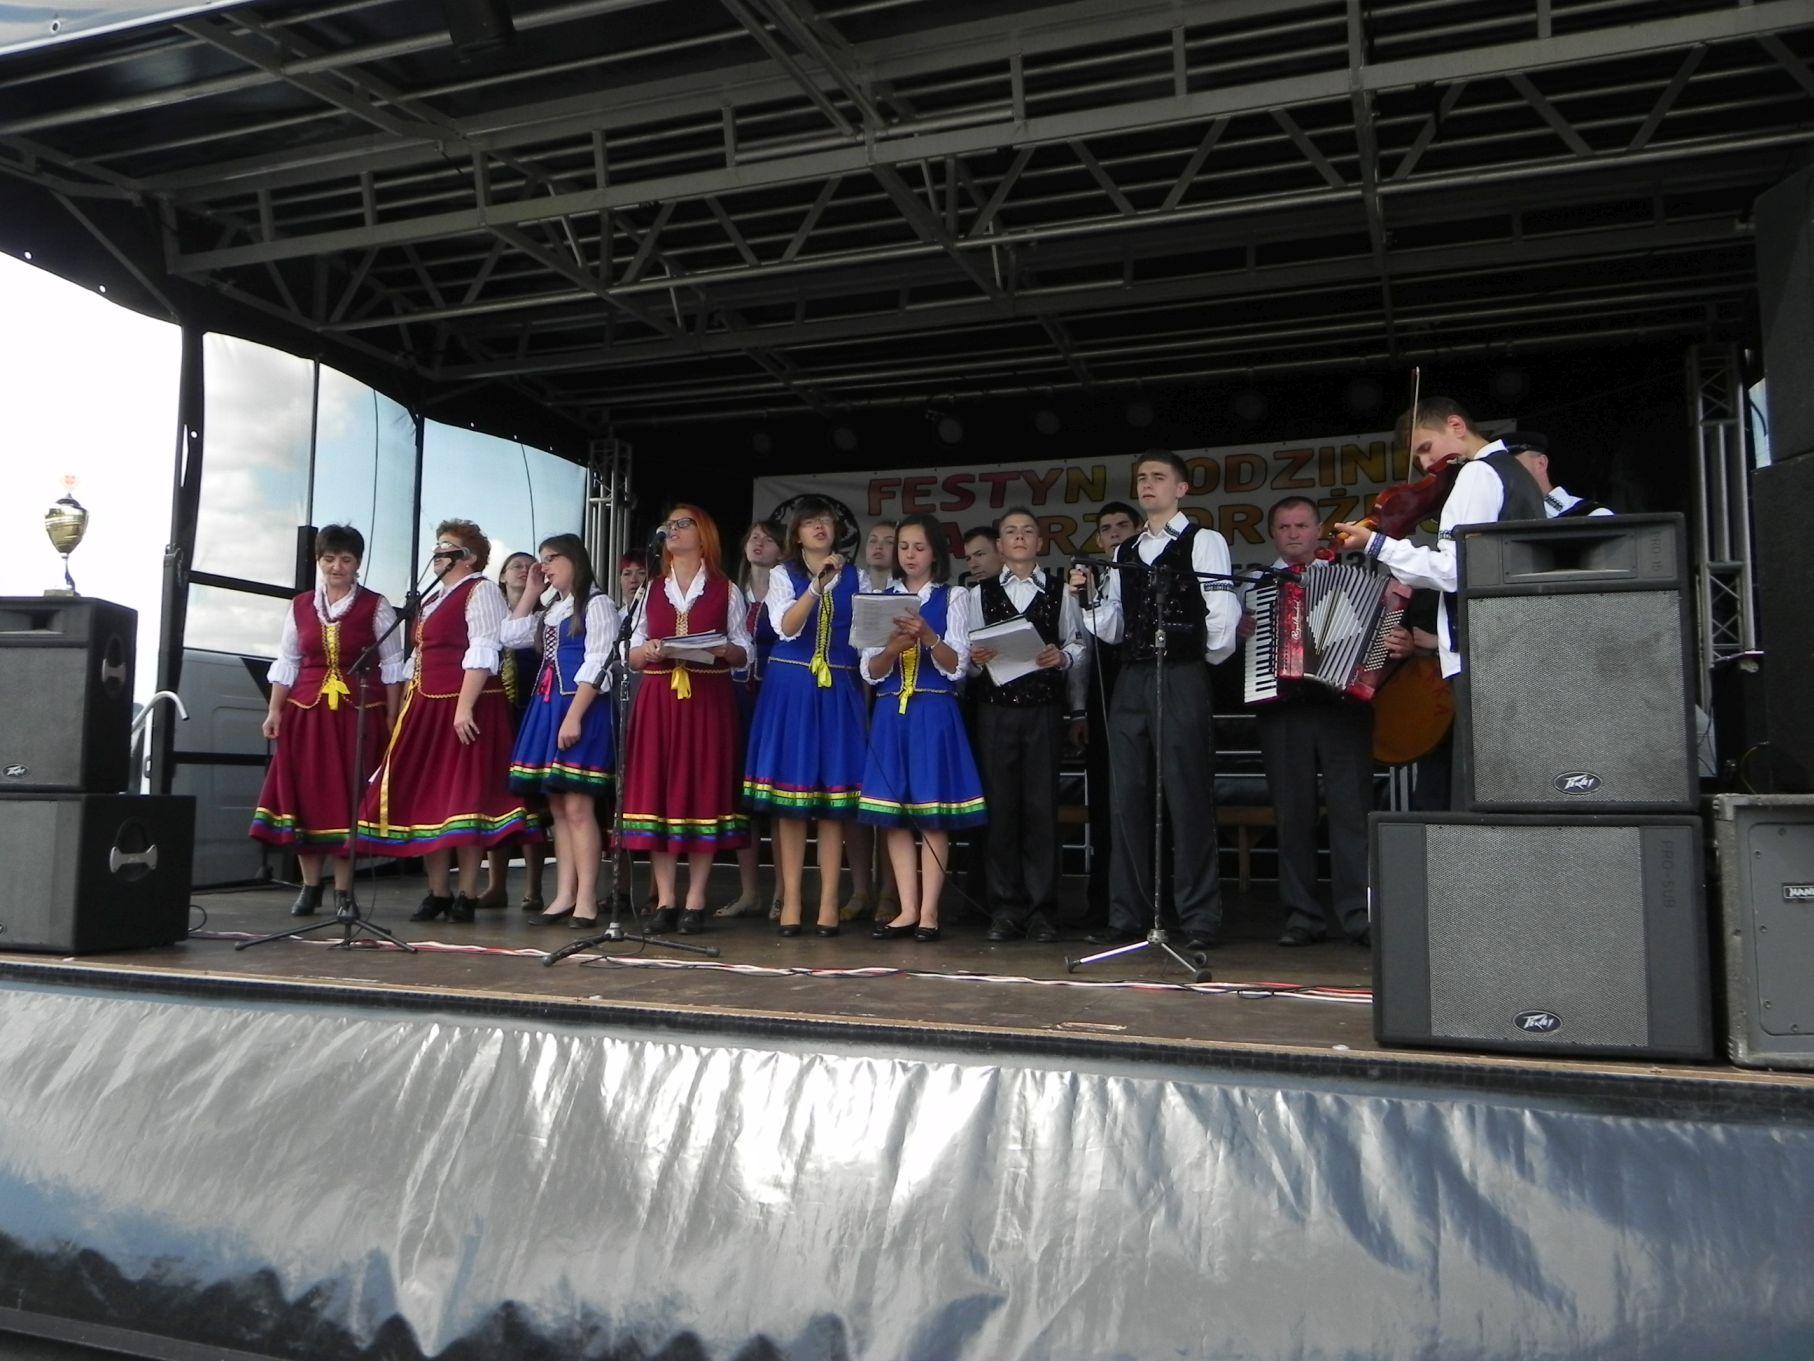 2013-07-07 Głuchów Festyn na Przydrożku (12)